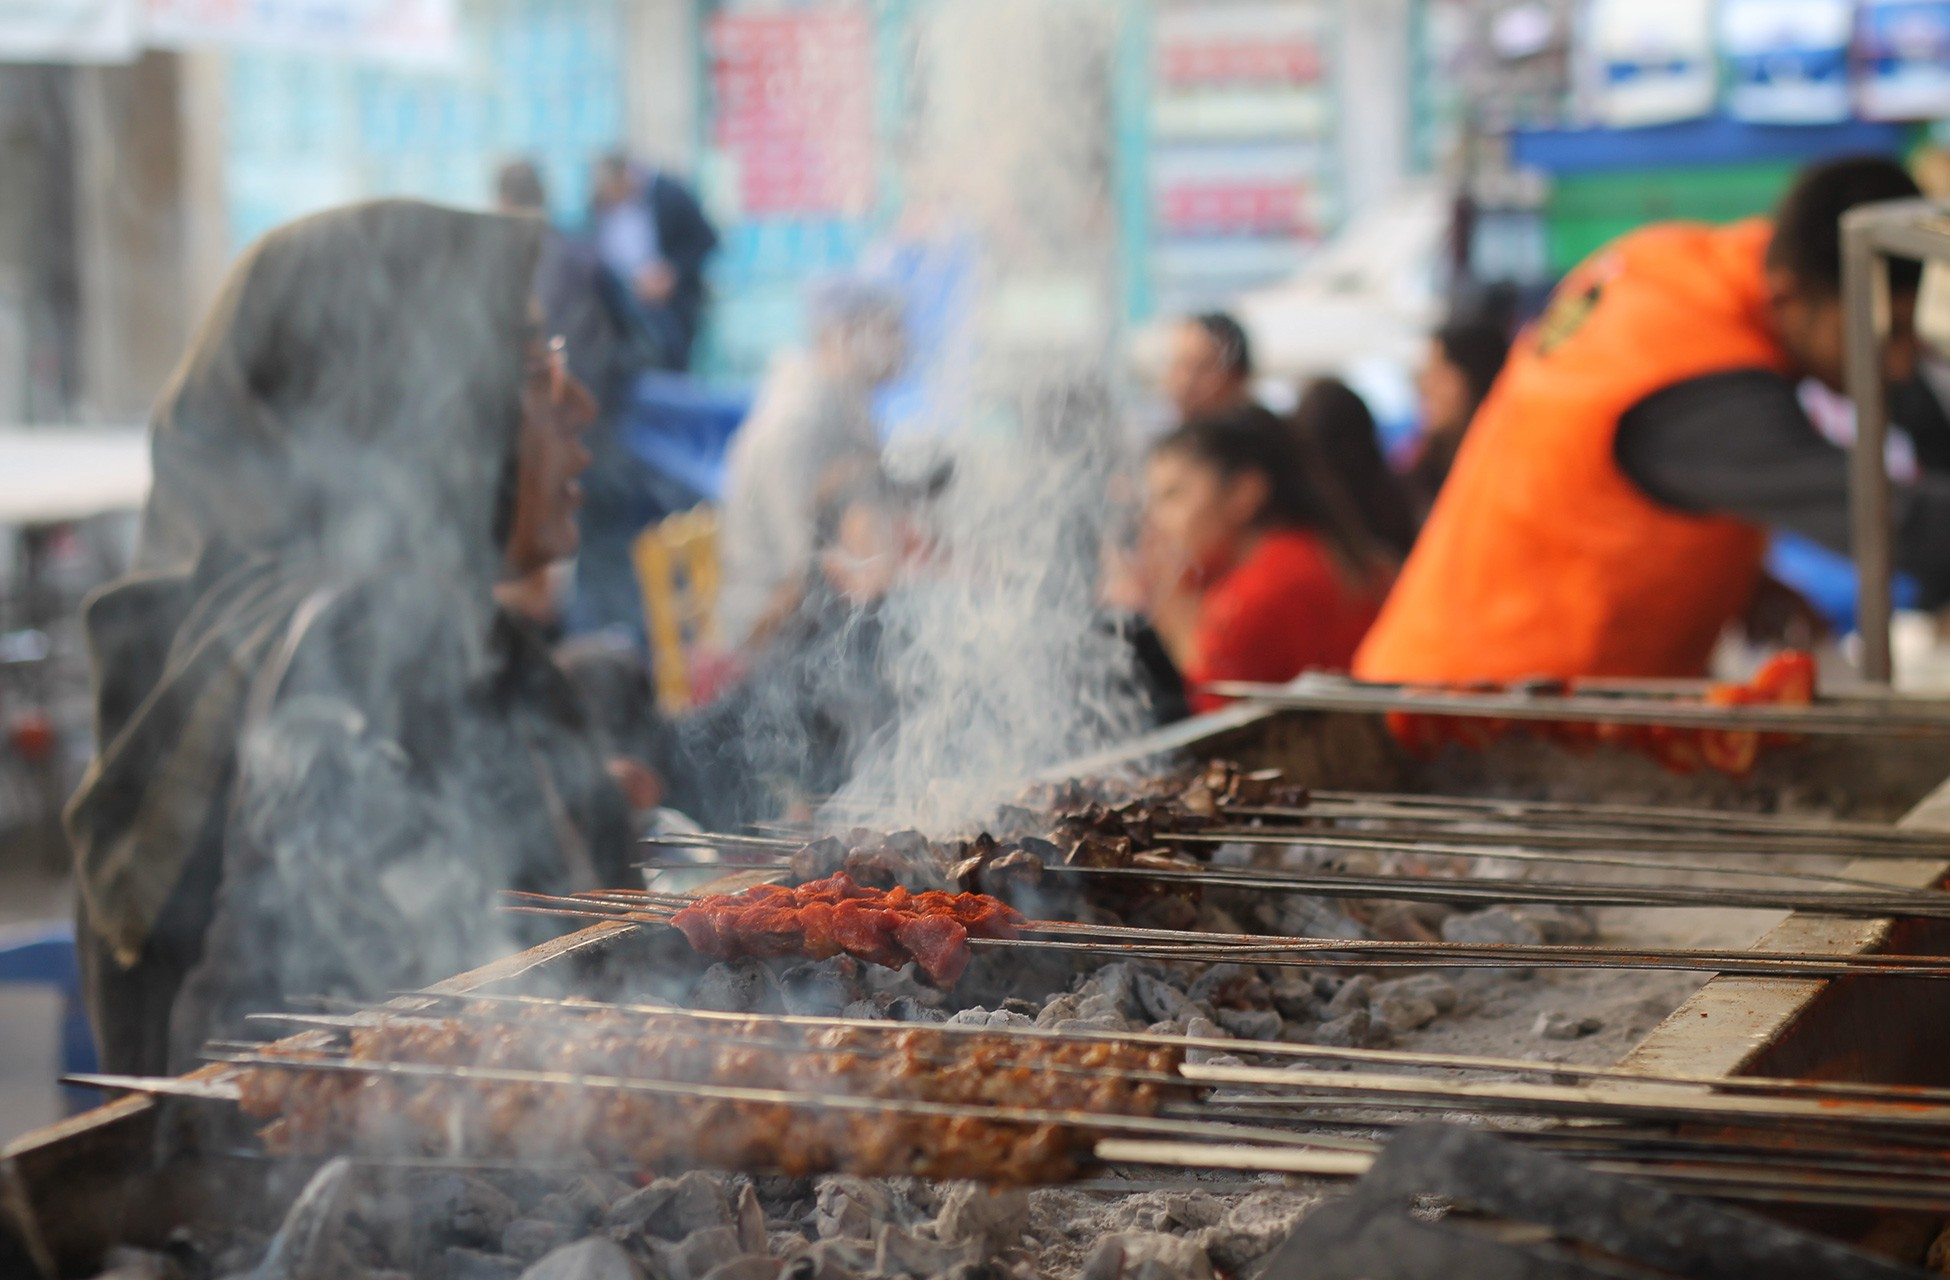 Kebapçıda mangal üzerinde pişen kebaplar ve müşteriler.